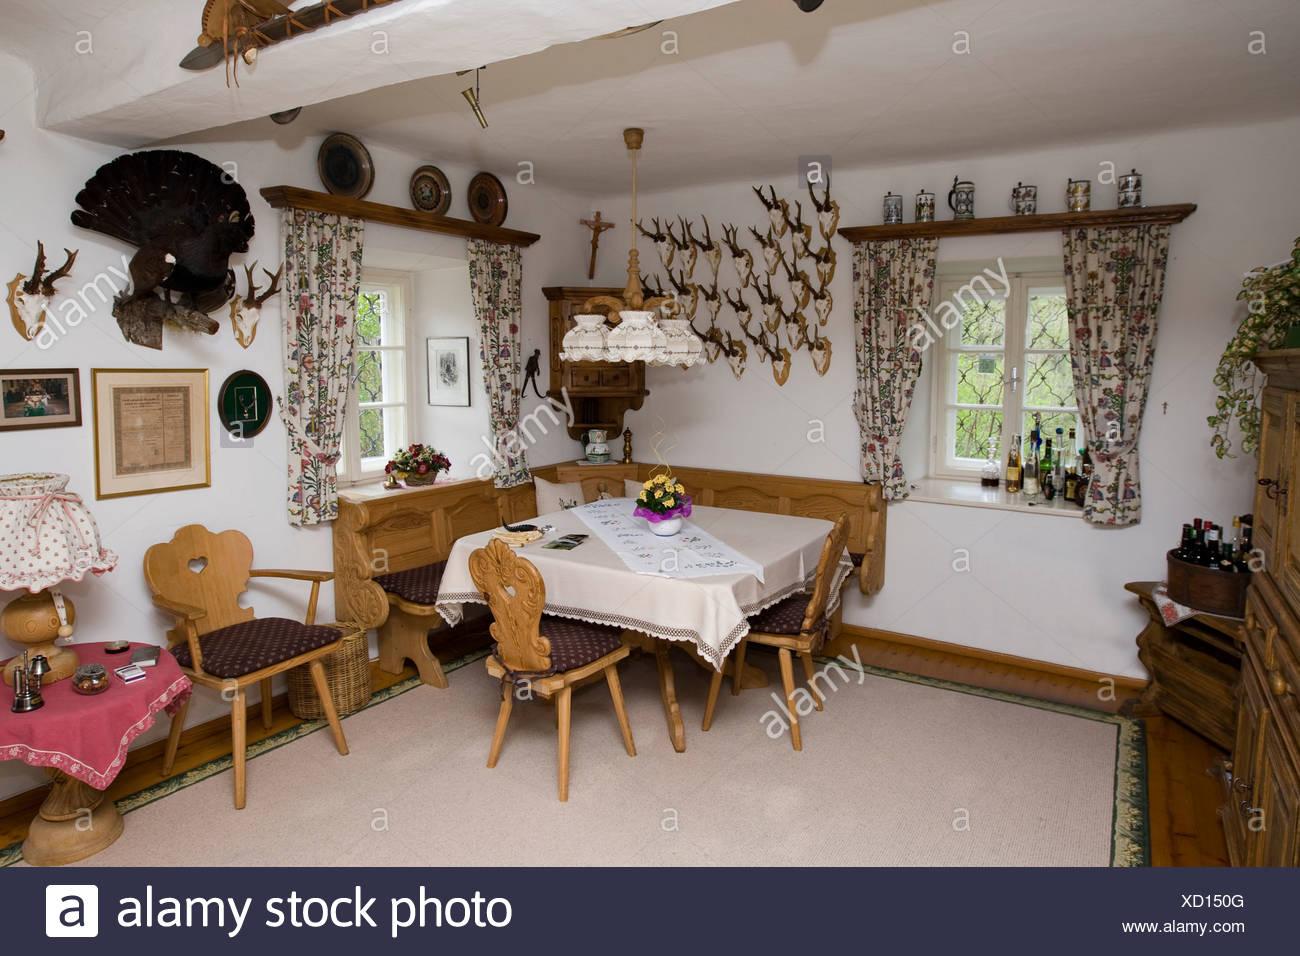 Salon dekoriert mit verschiedenen Trophäen in einer Jagdhütte ...